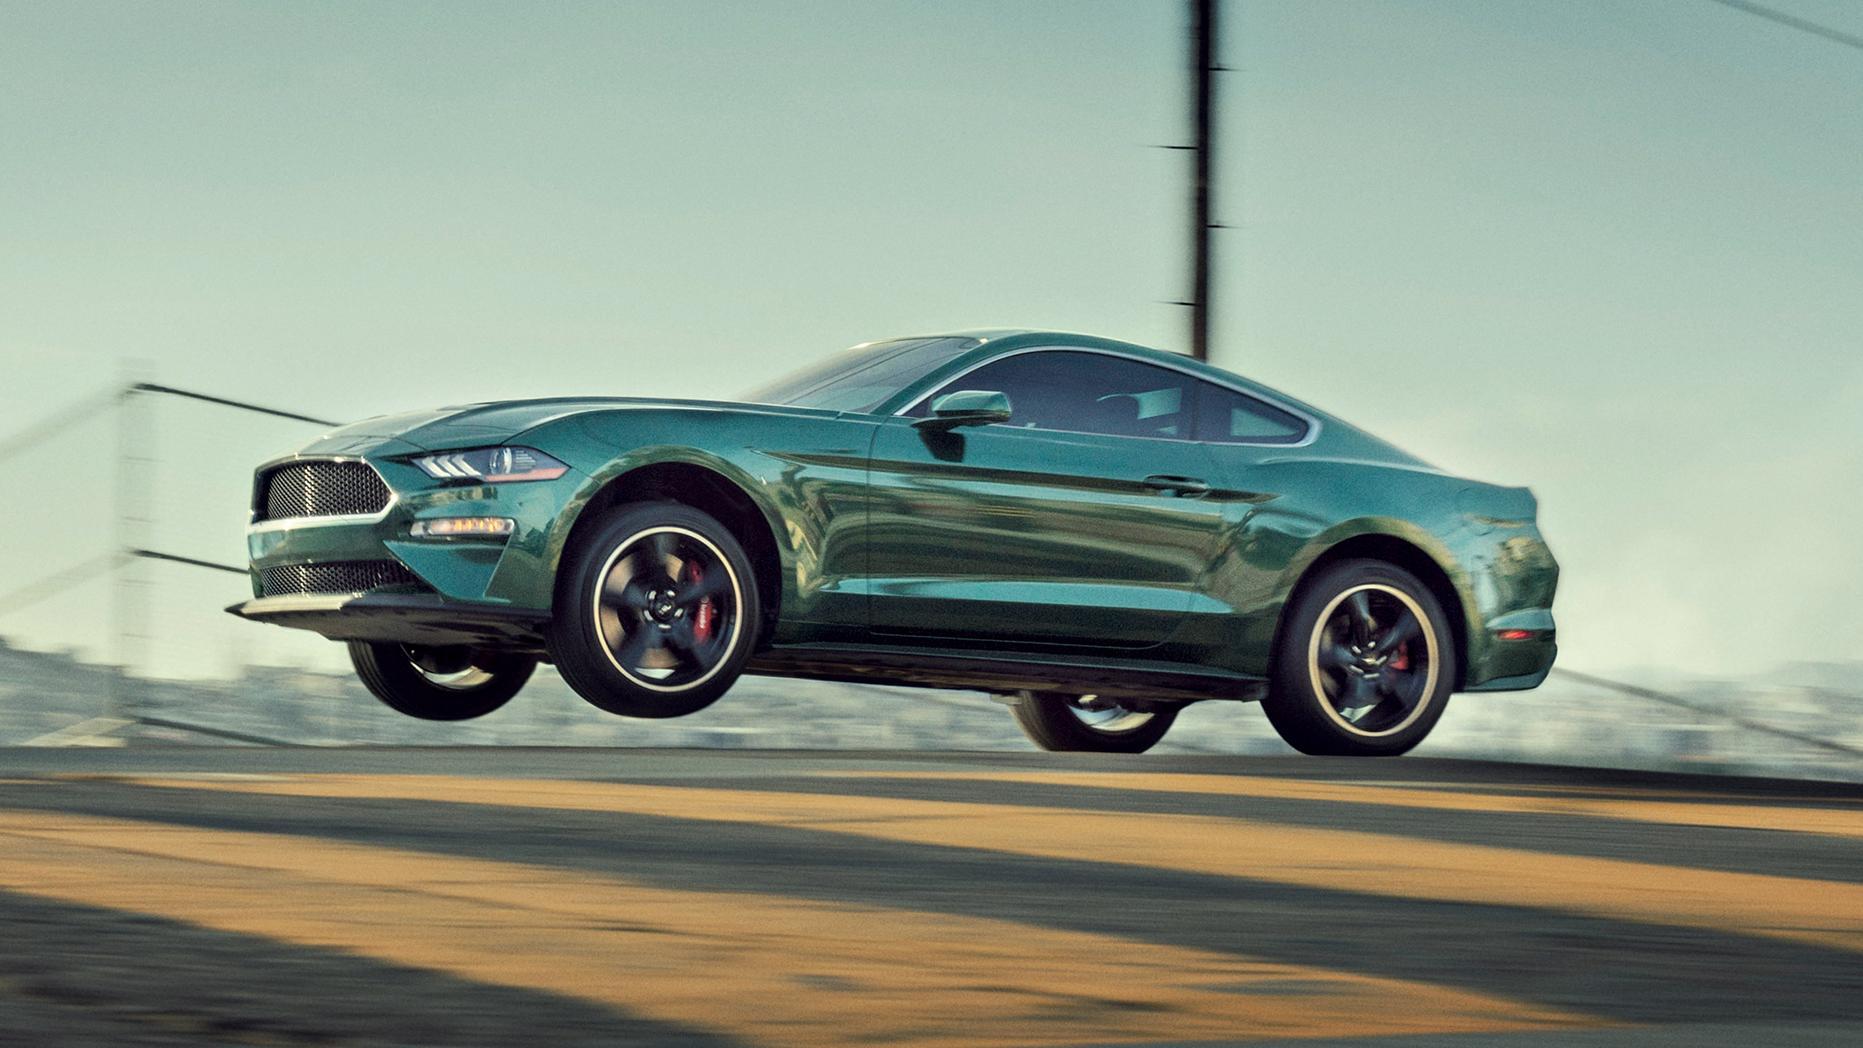 Ford Mustang Bullitt jeździć jak Steve McQueen